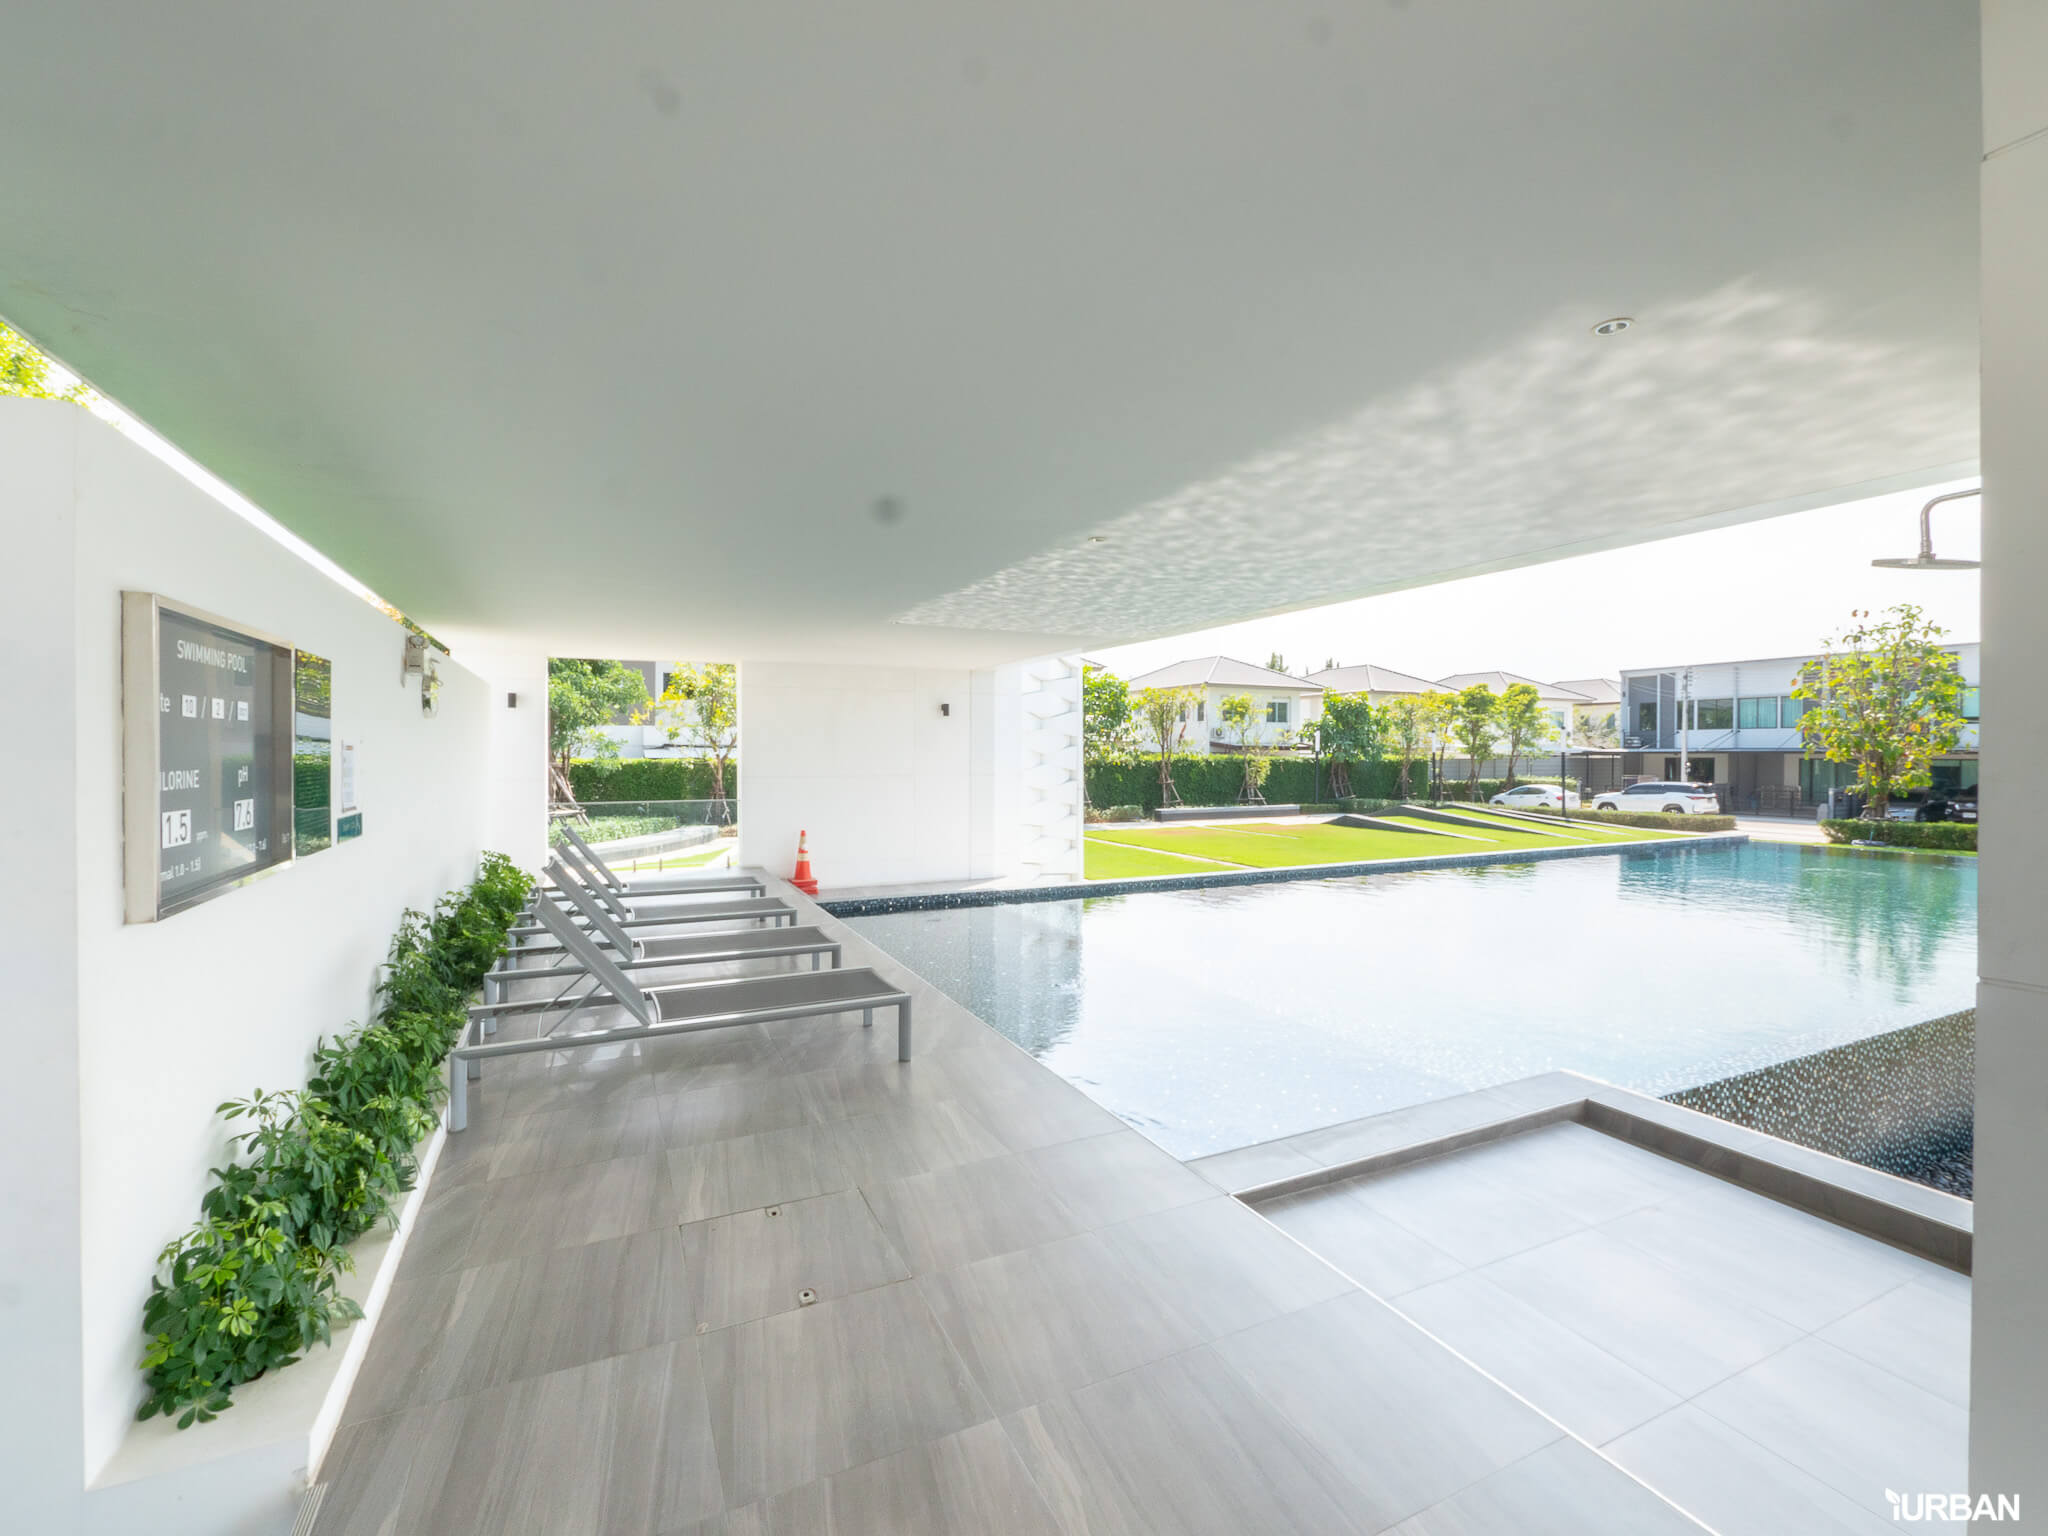 พาชมบ้านจริง PLENO พหลโยธิน-รังสิต ชีวิตทันสมัย ใกล้ฟิวเจอร์พาร์ครังสิต เริ่มแค่ 1.99 ลบ. 23 - AP (Thailand) - เอพี (ไทยแลนด์)